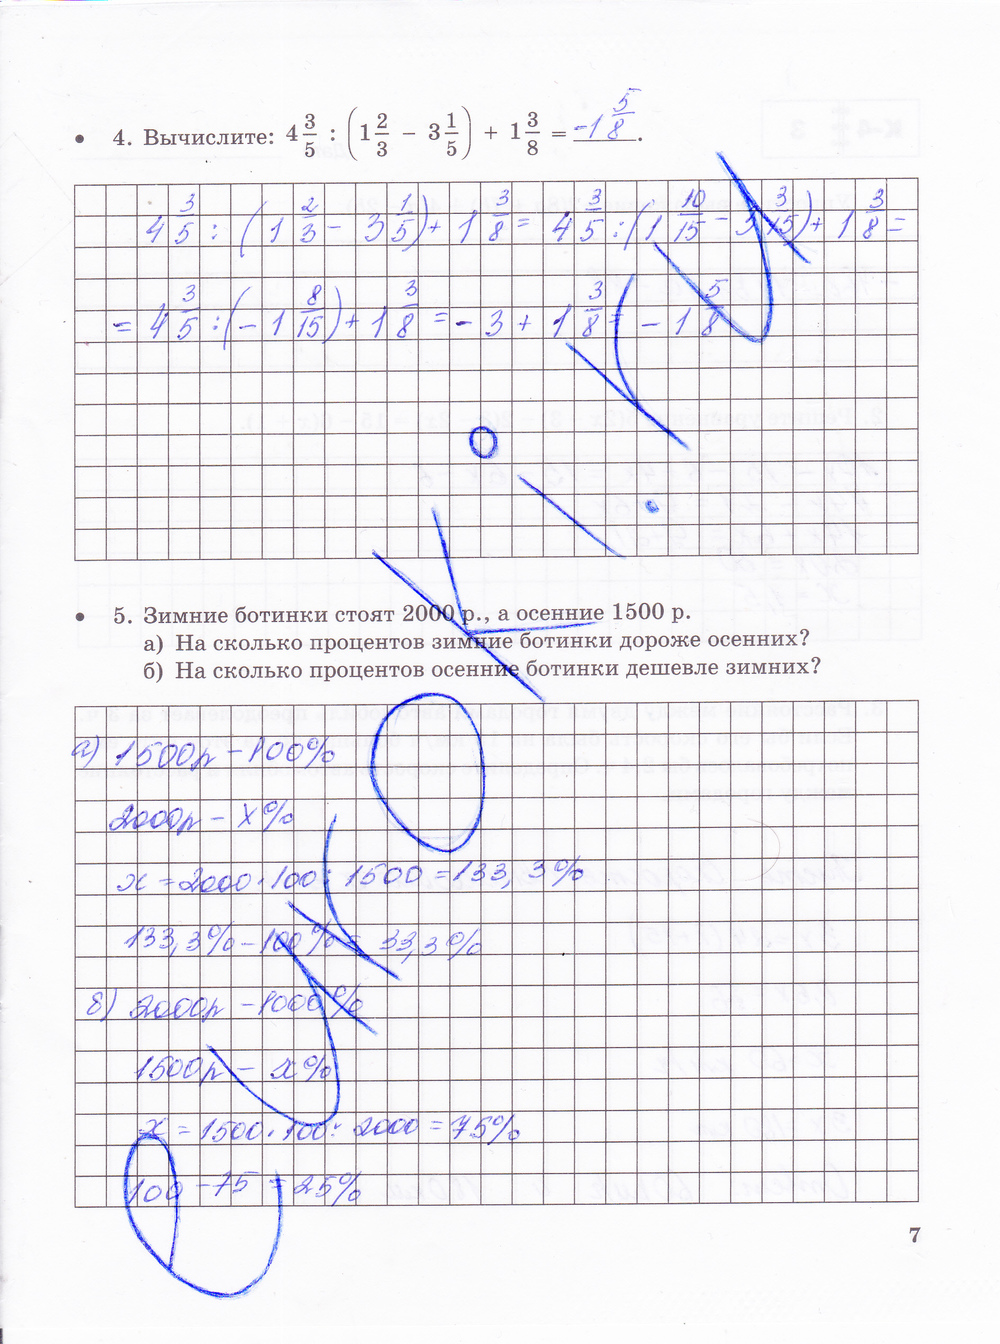 ГДЗ по математике 6 класс тетрадь для контрольных работ Зубарева, Лепешонкова Мнемозина Часть 1, 2 ответы и решения онлайн. Задание: стр. 6